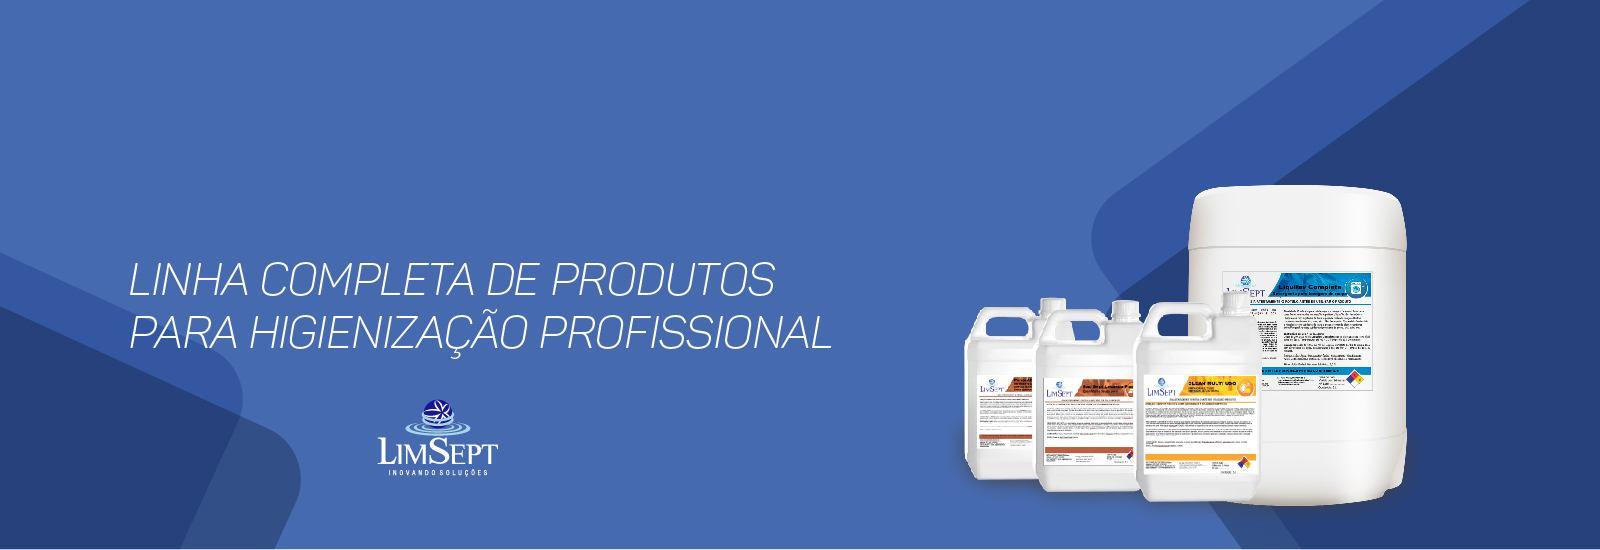 Linha completa de produtos